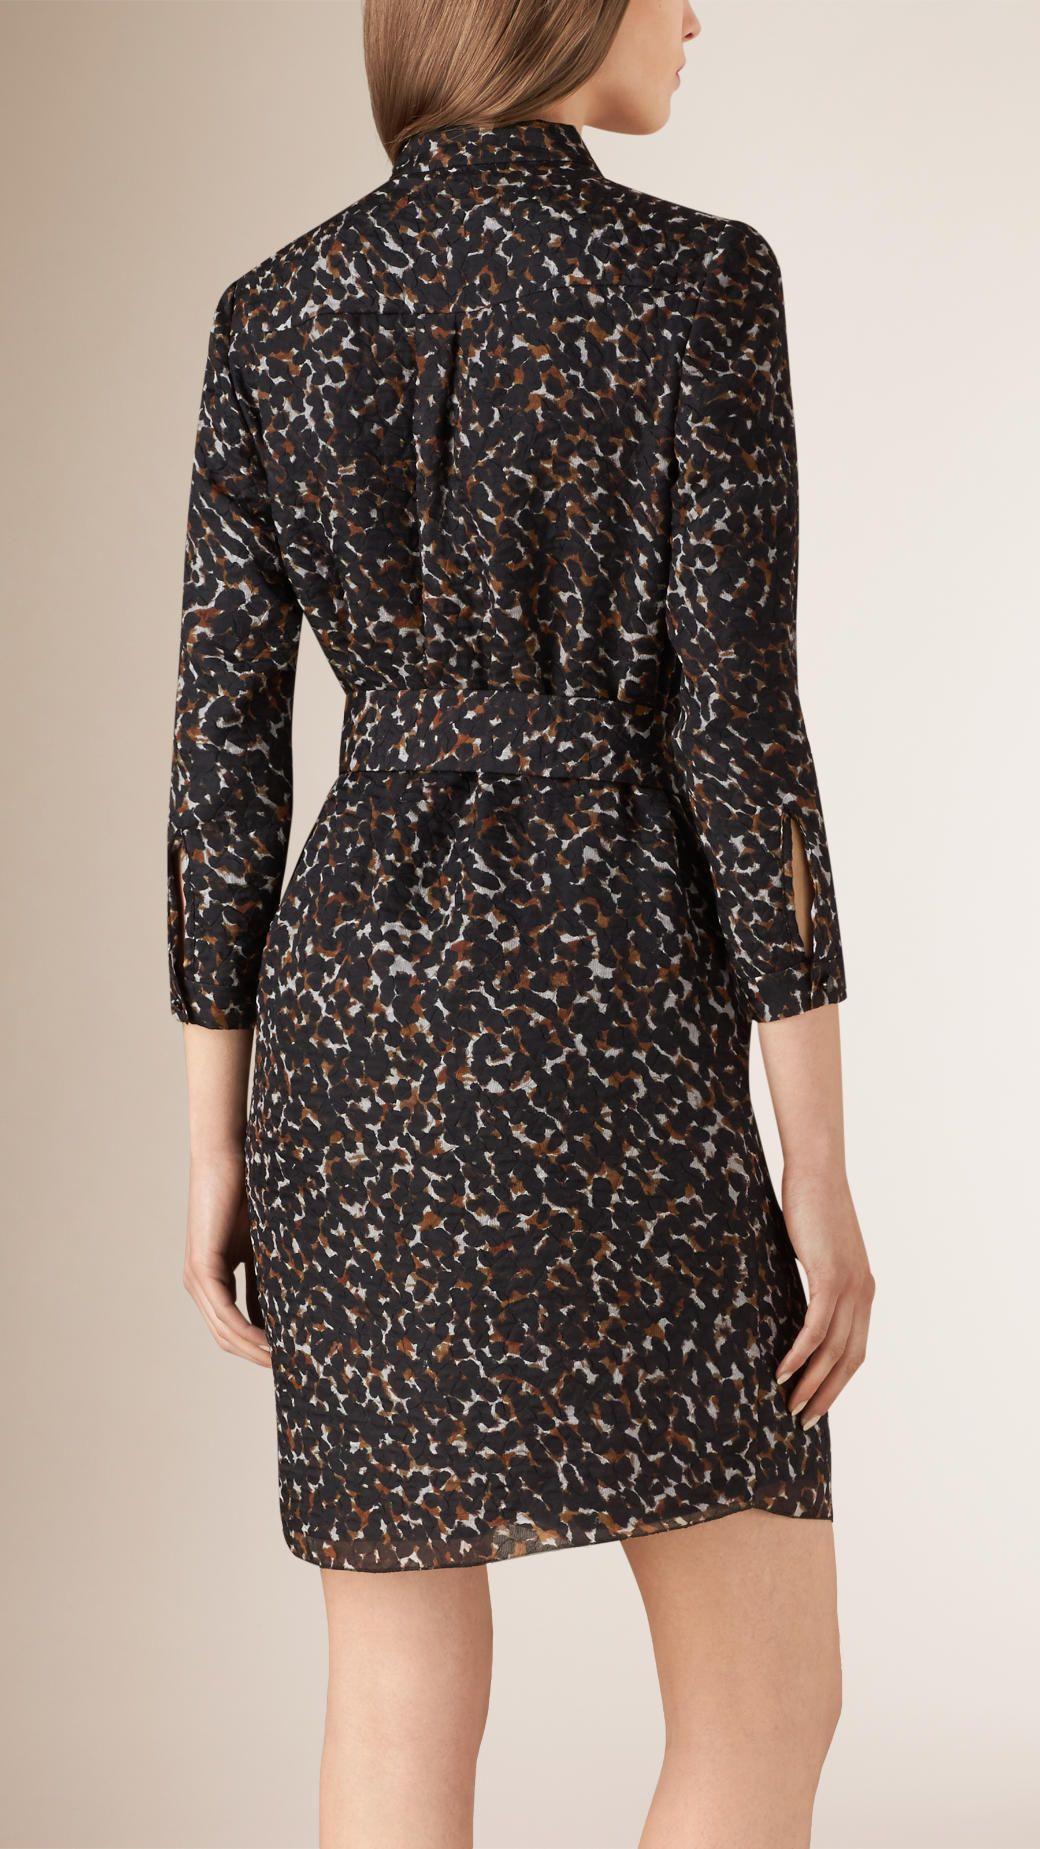 Robe chemise en soie mélangée à imprimé fauve   Burberry c7b84a15a7e